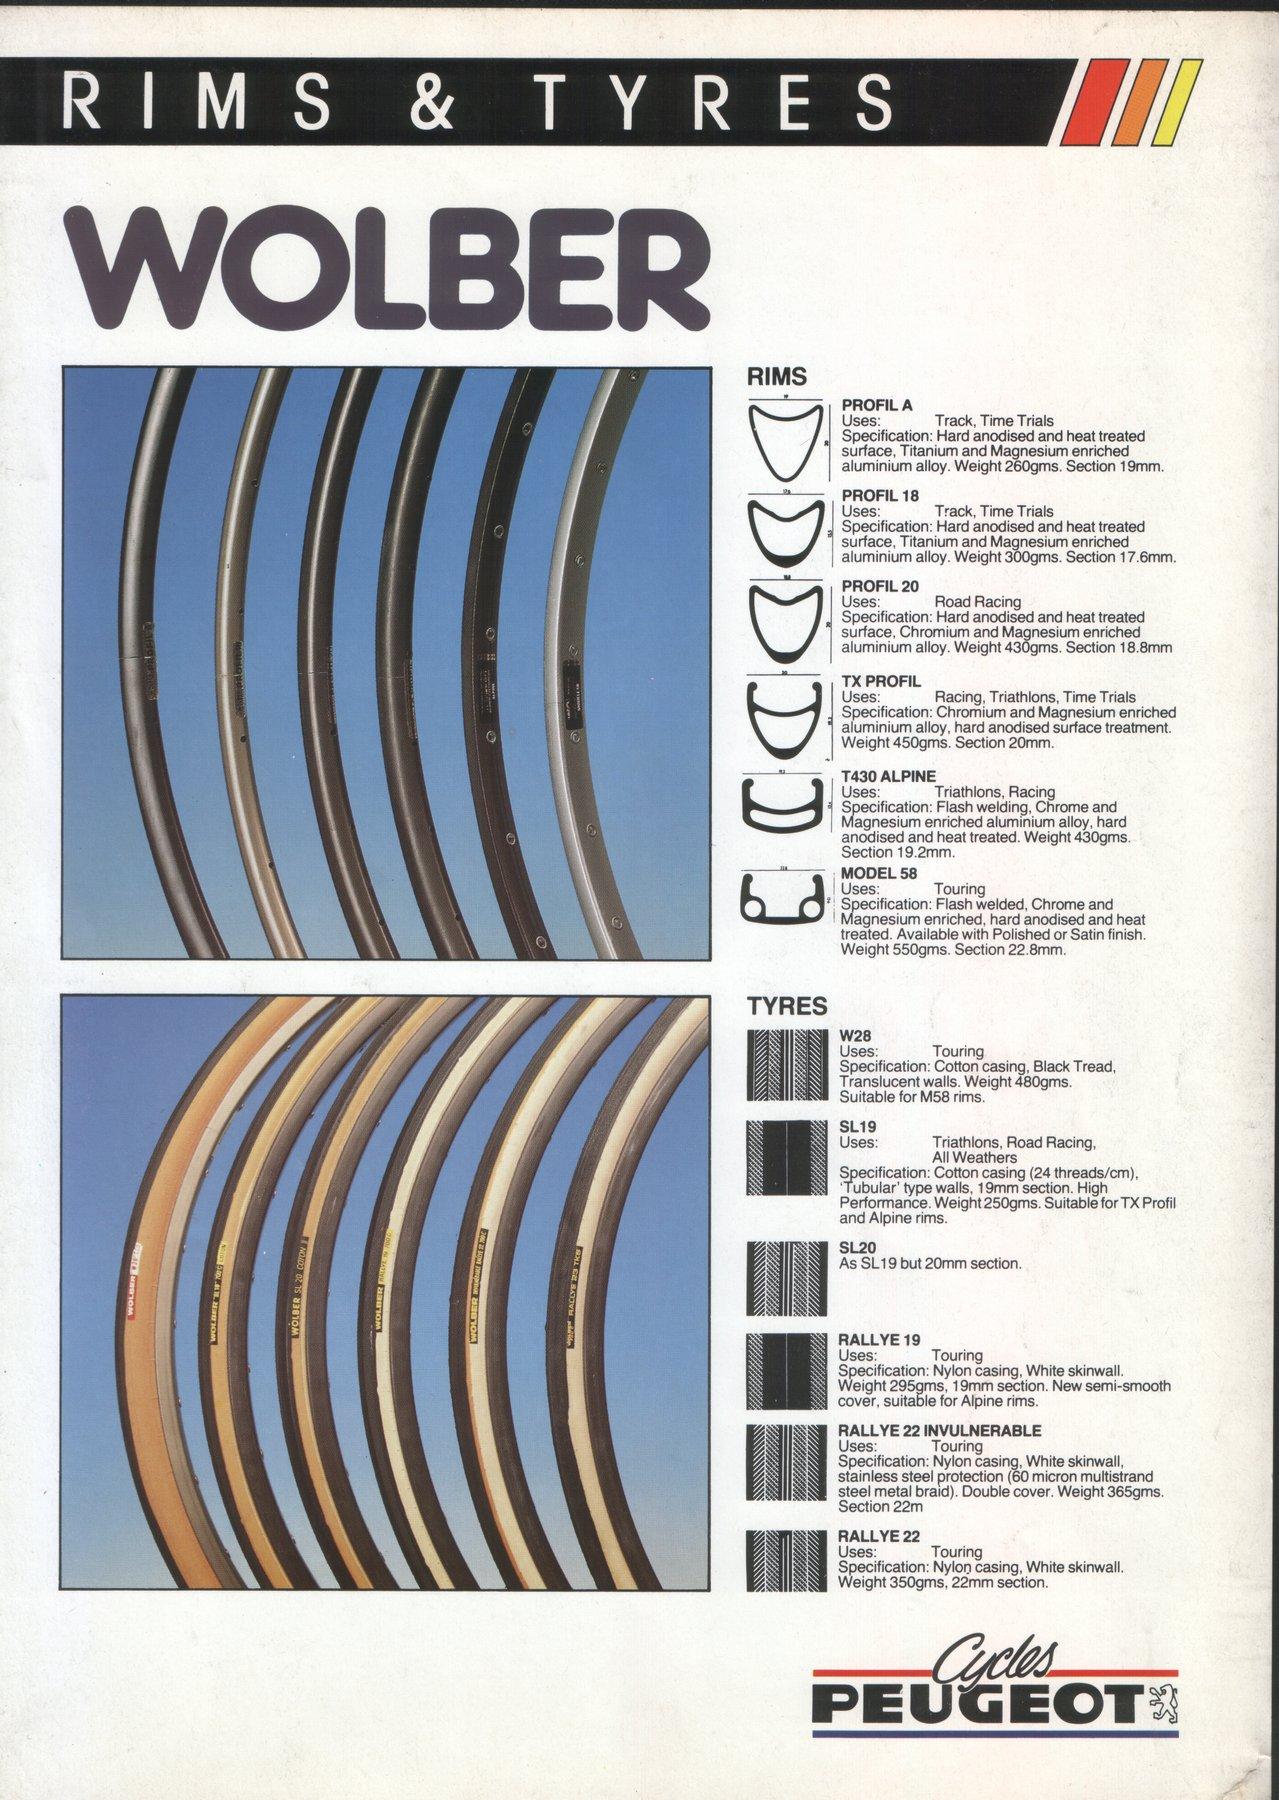 VeloBase com - Catalog Scans